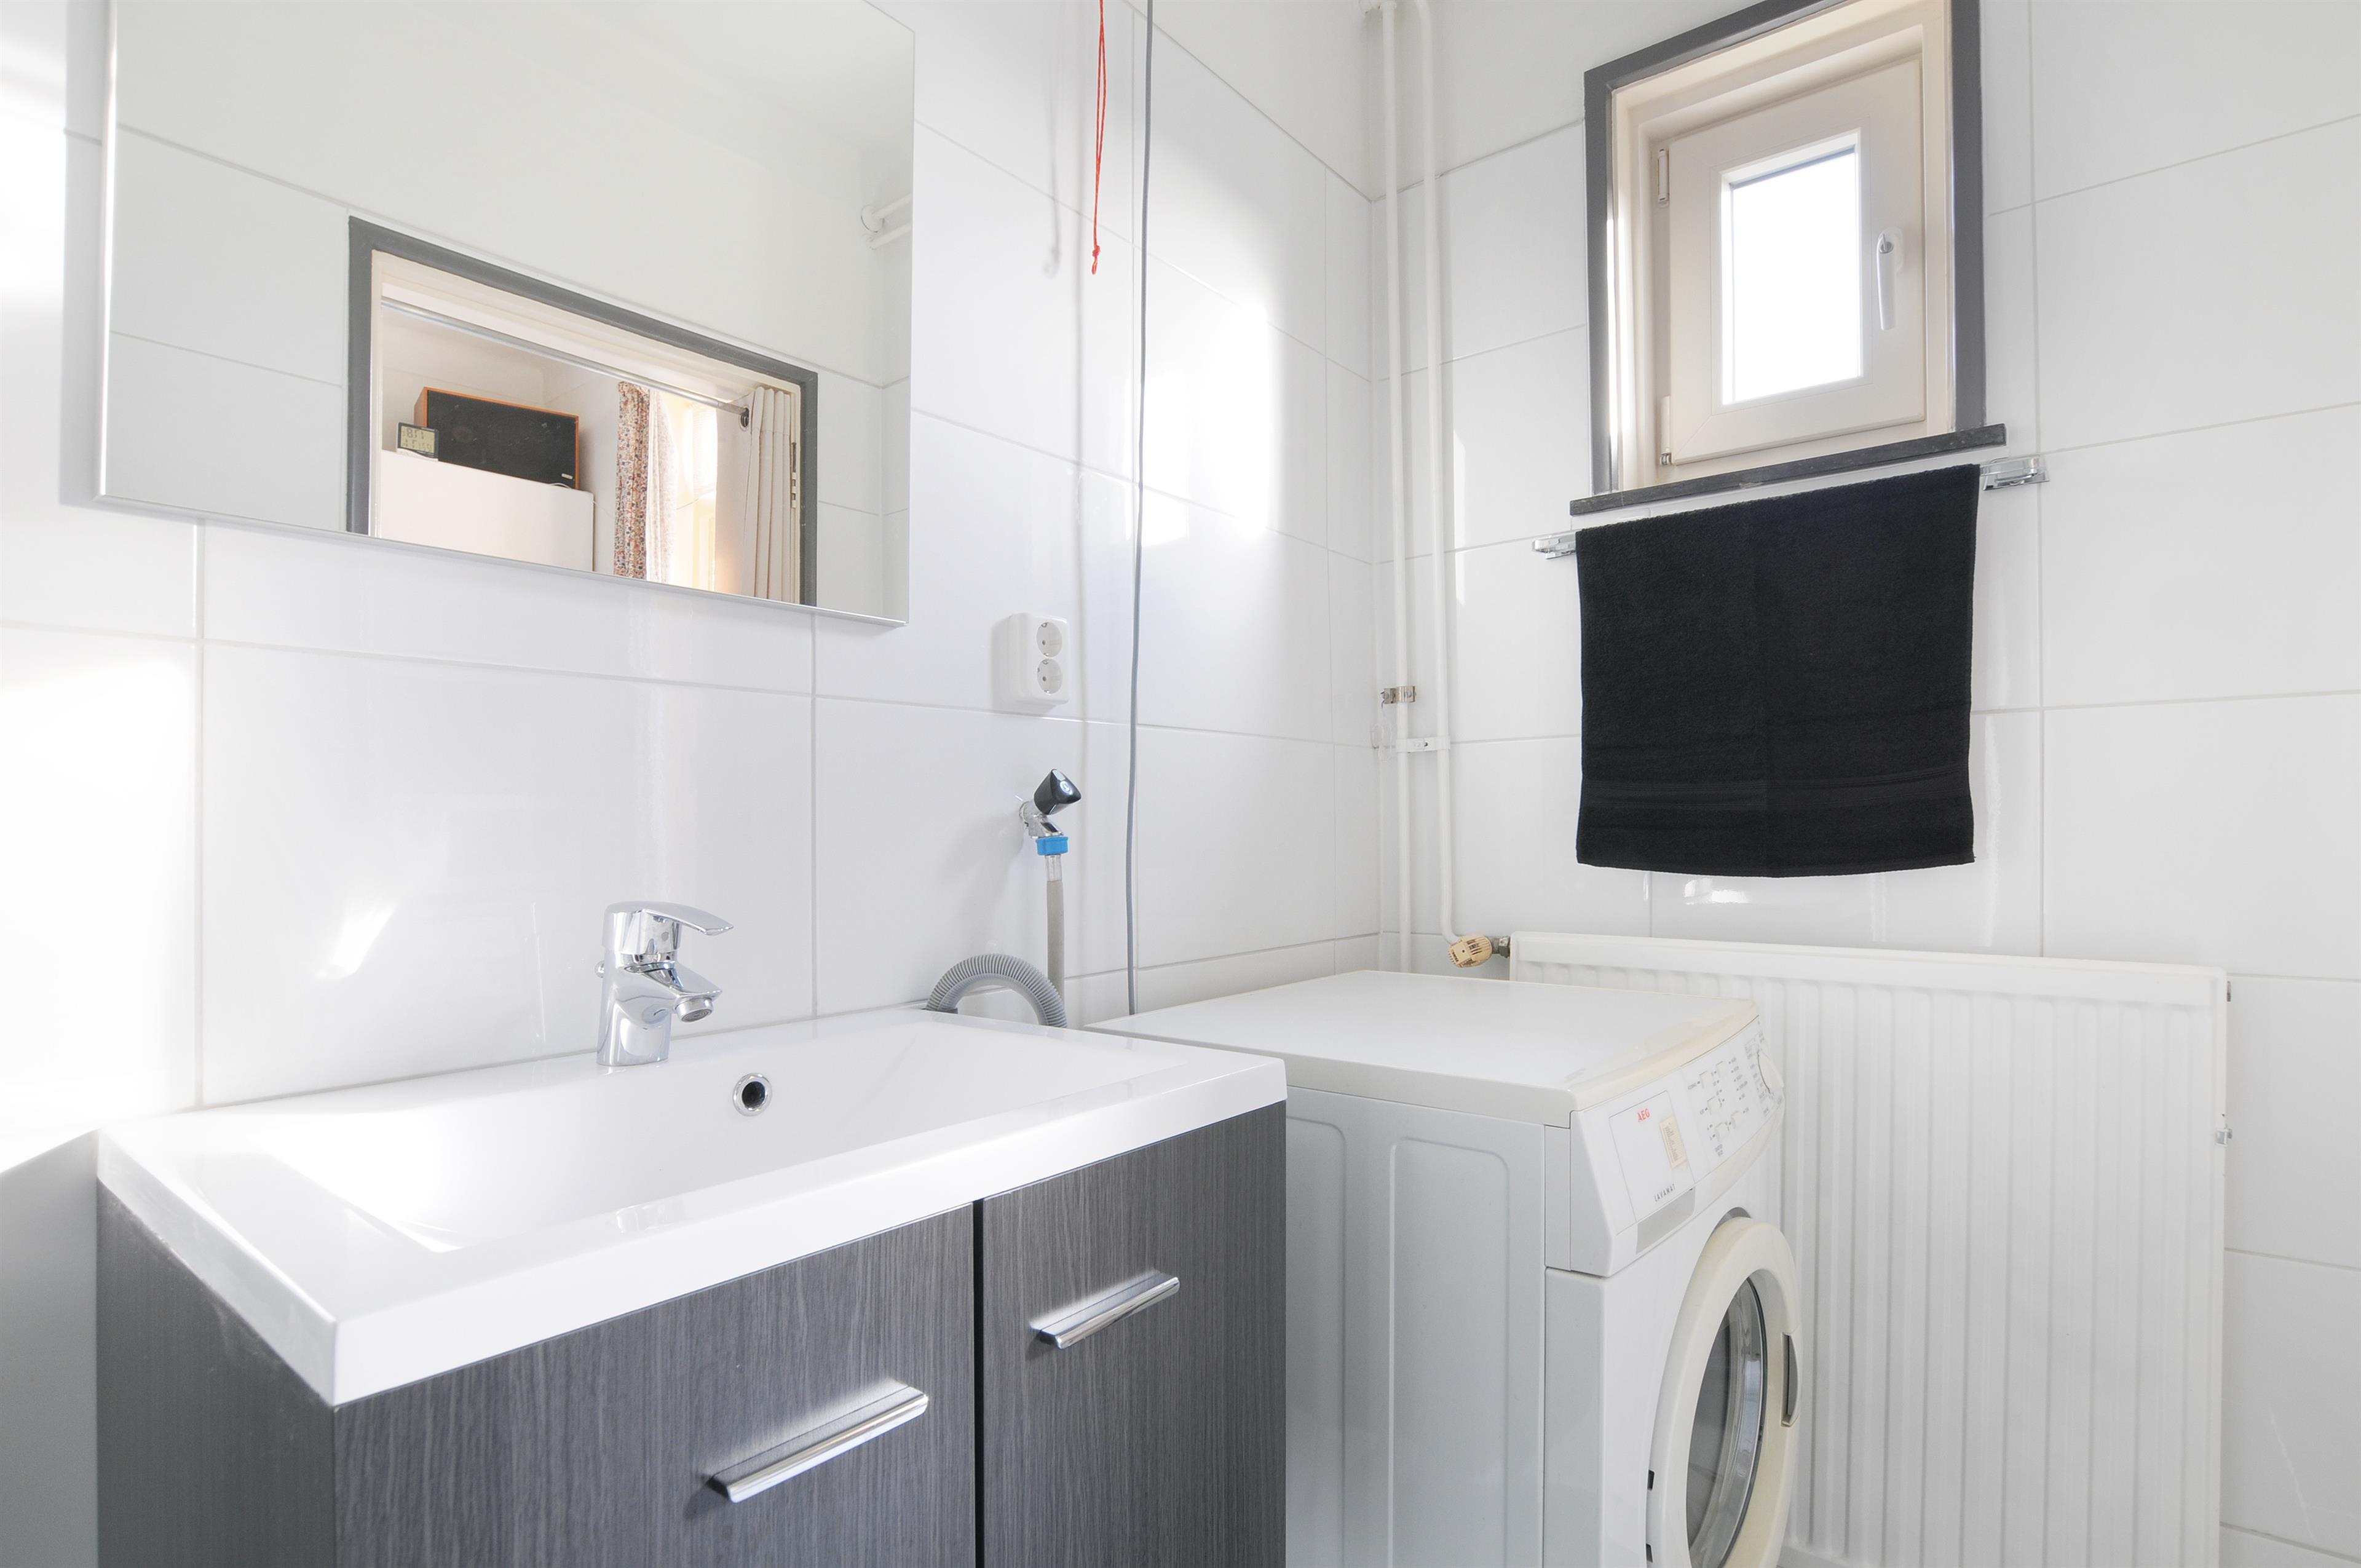 Huis design - Muurdecoratie badkamer ...